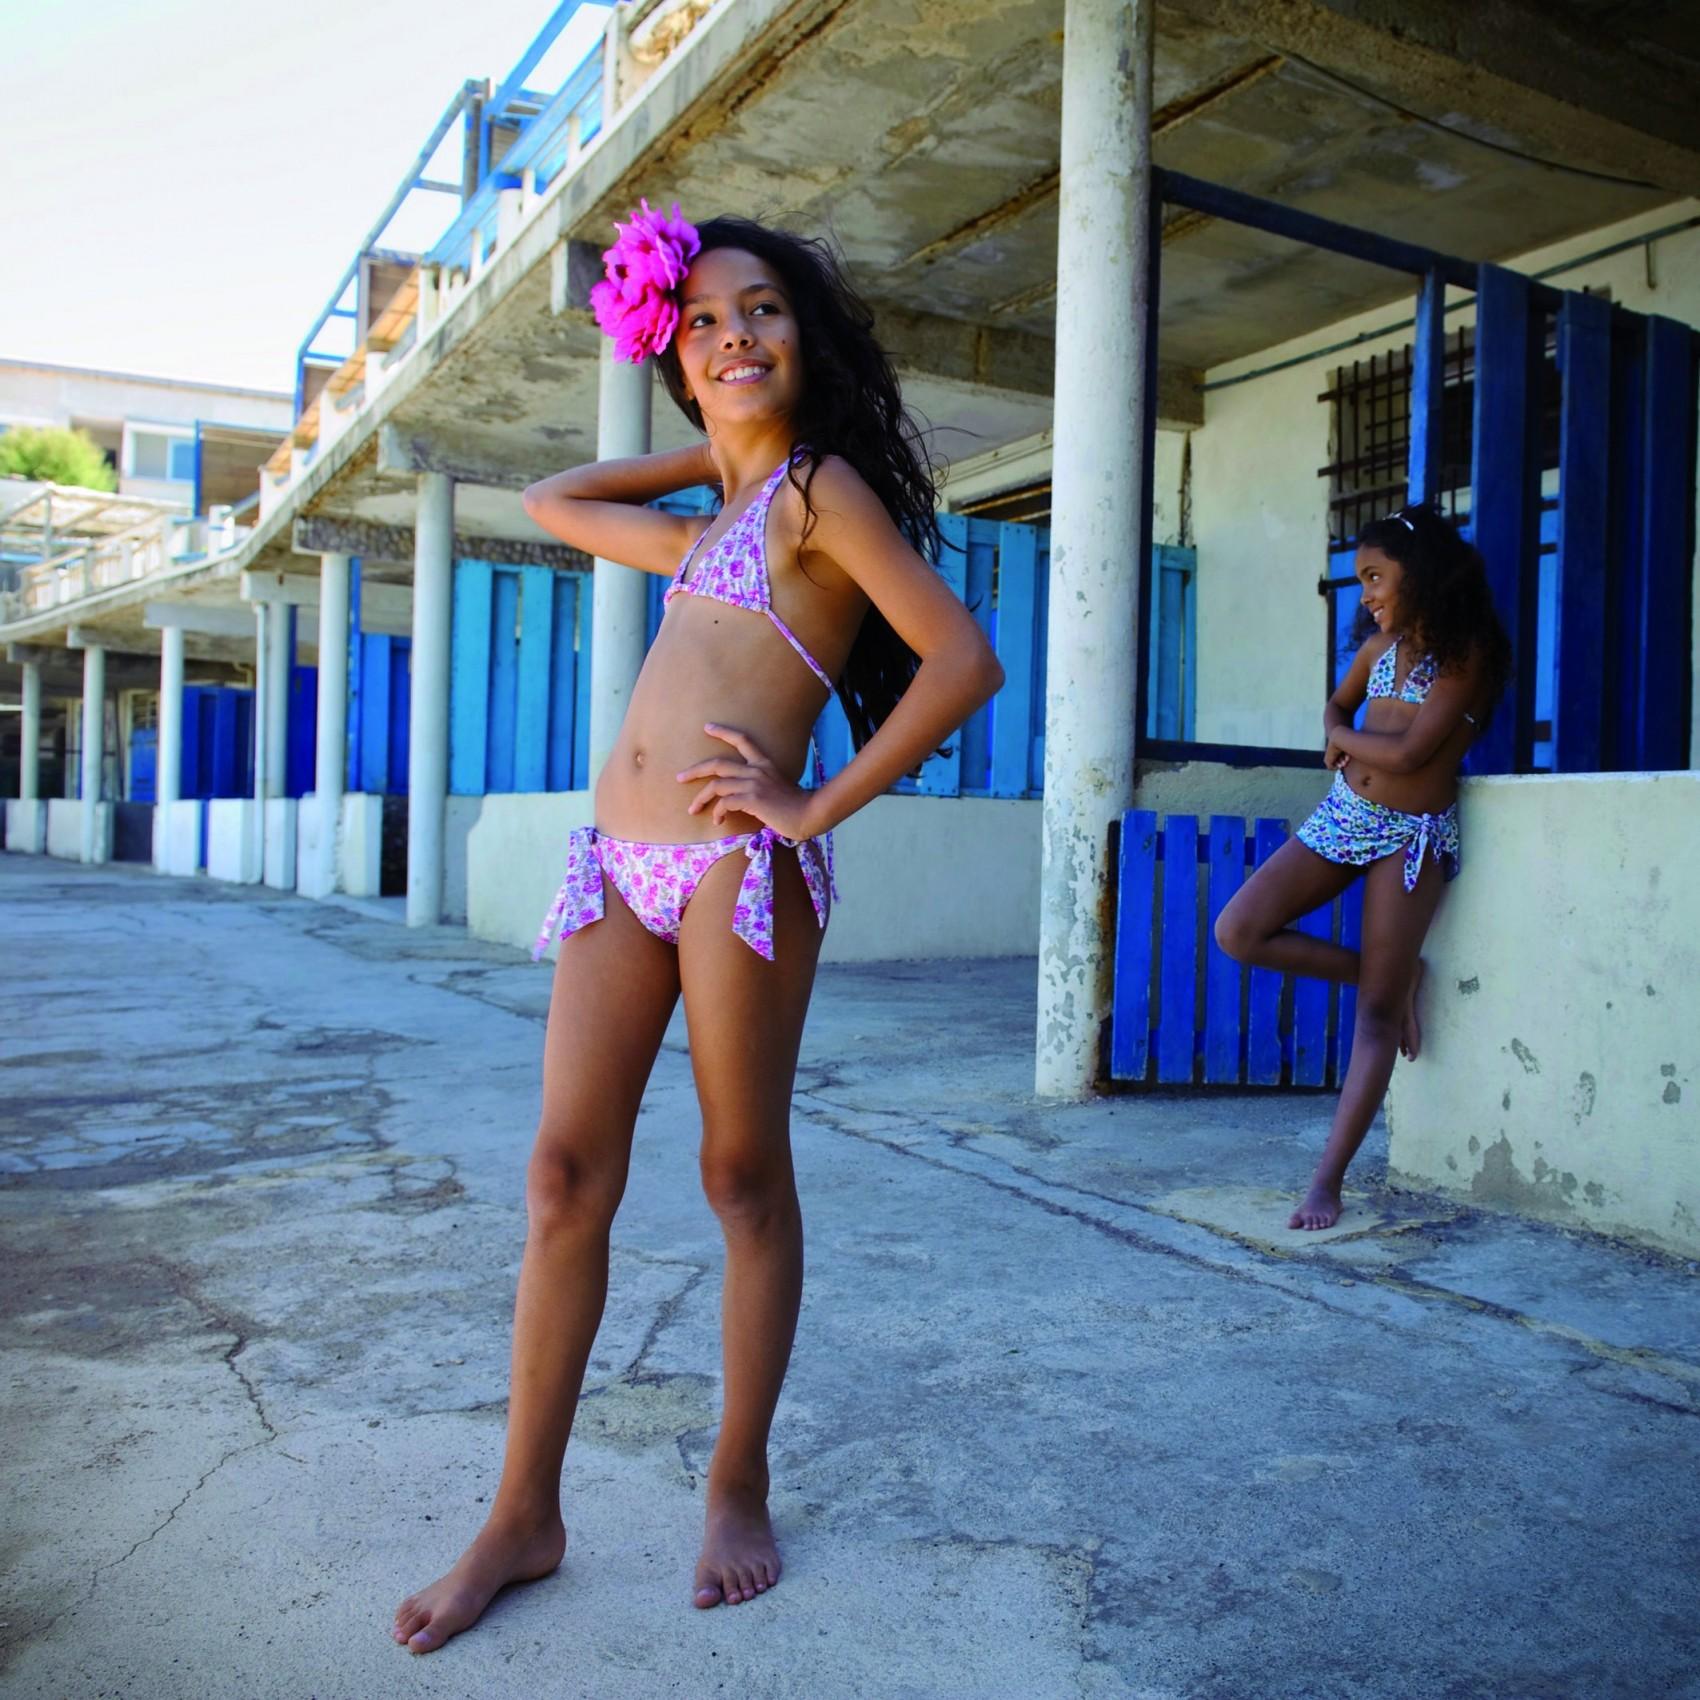 bikini ado site de ce